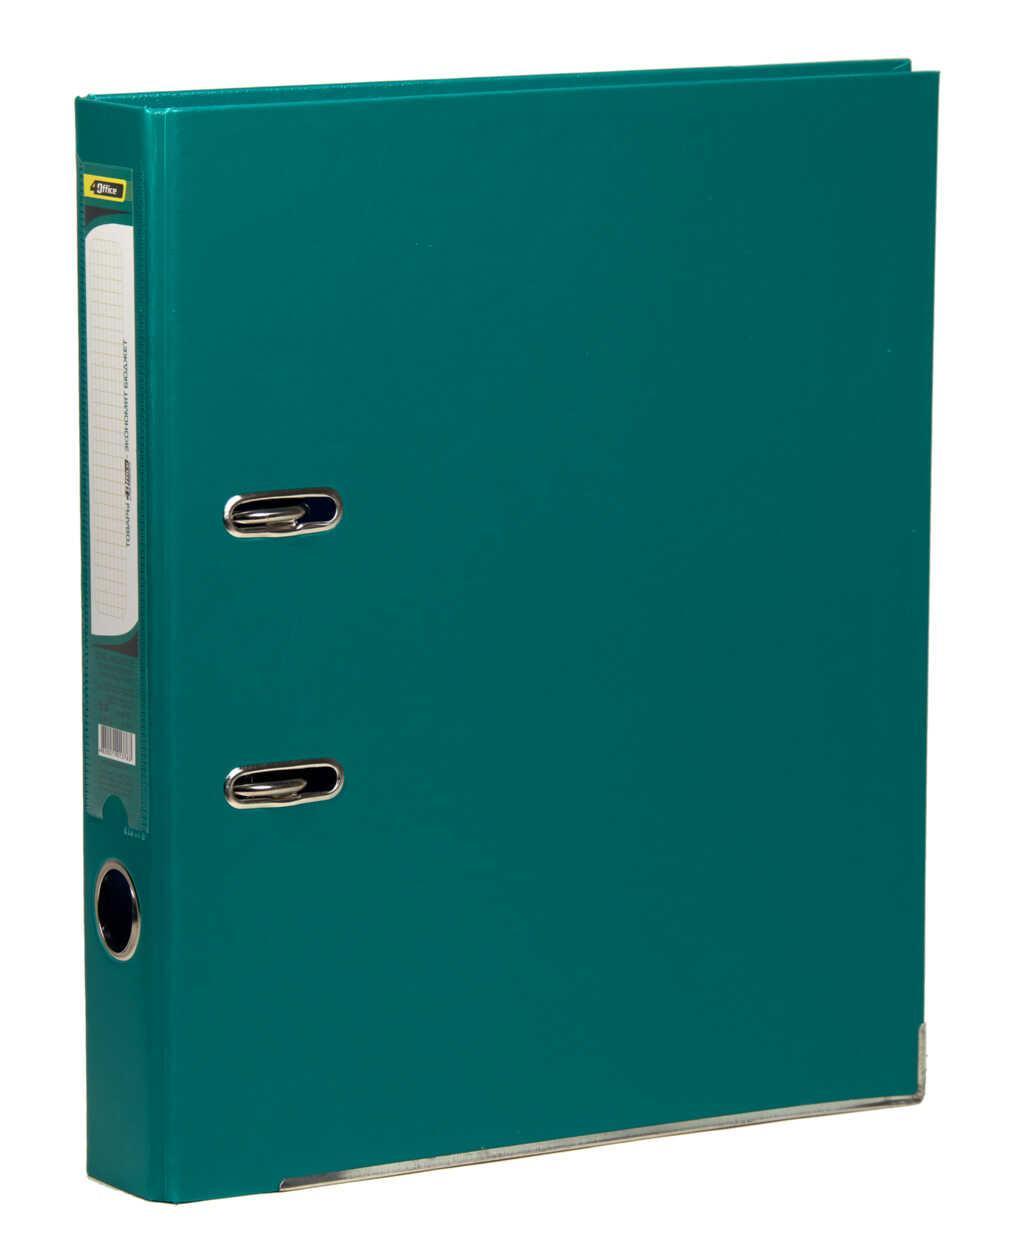 Регистратор (сегрегатор) А4 5см РP зелёный 4-247, 4OFFICE